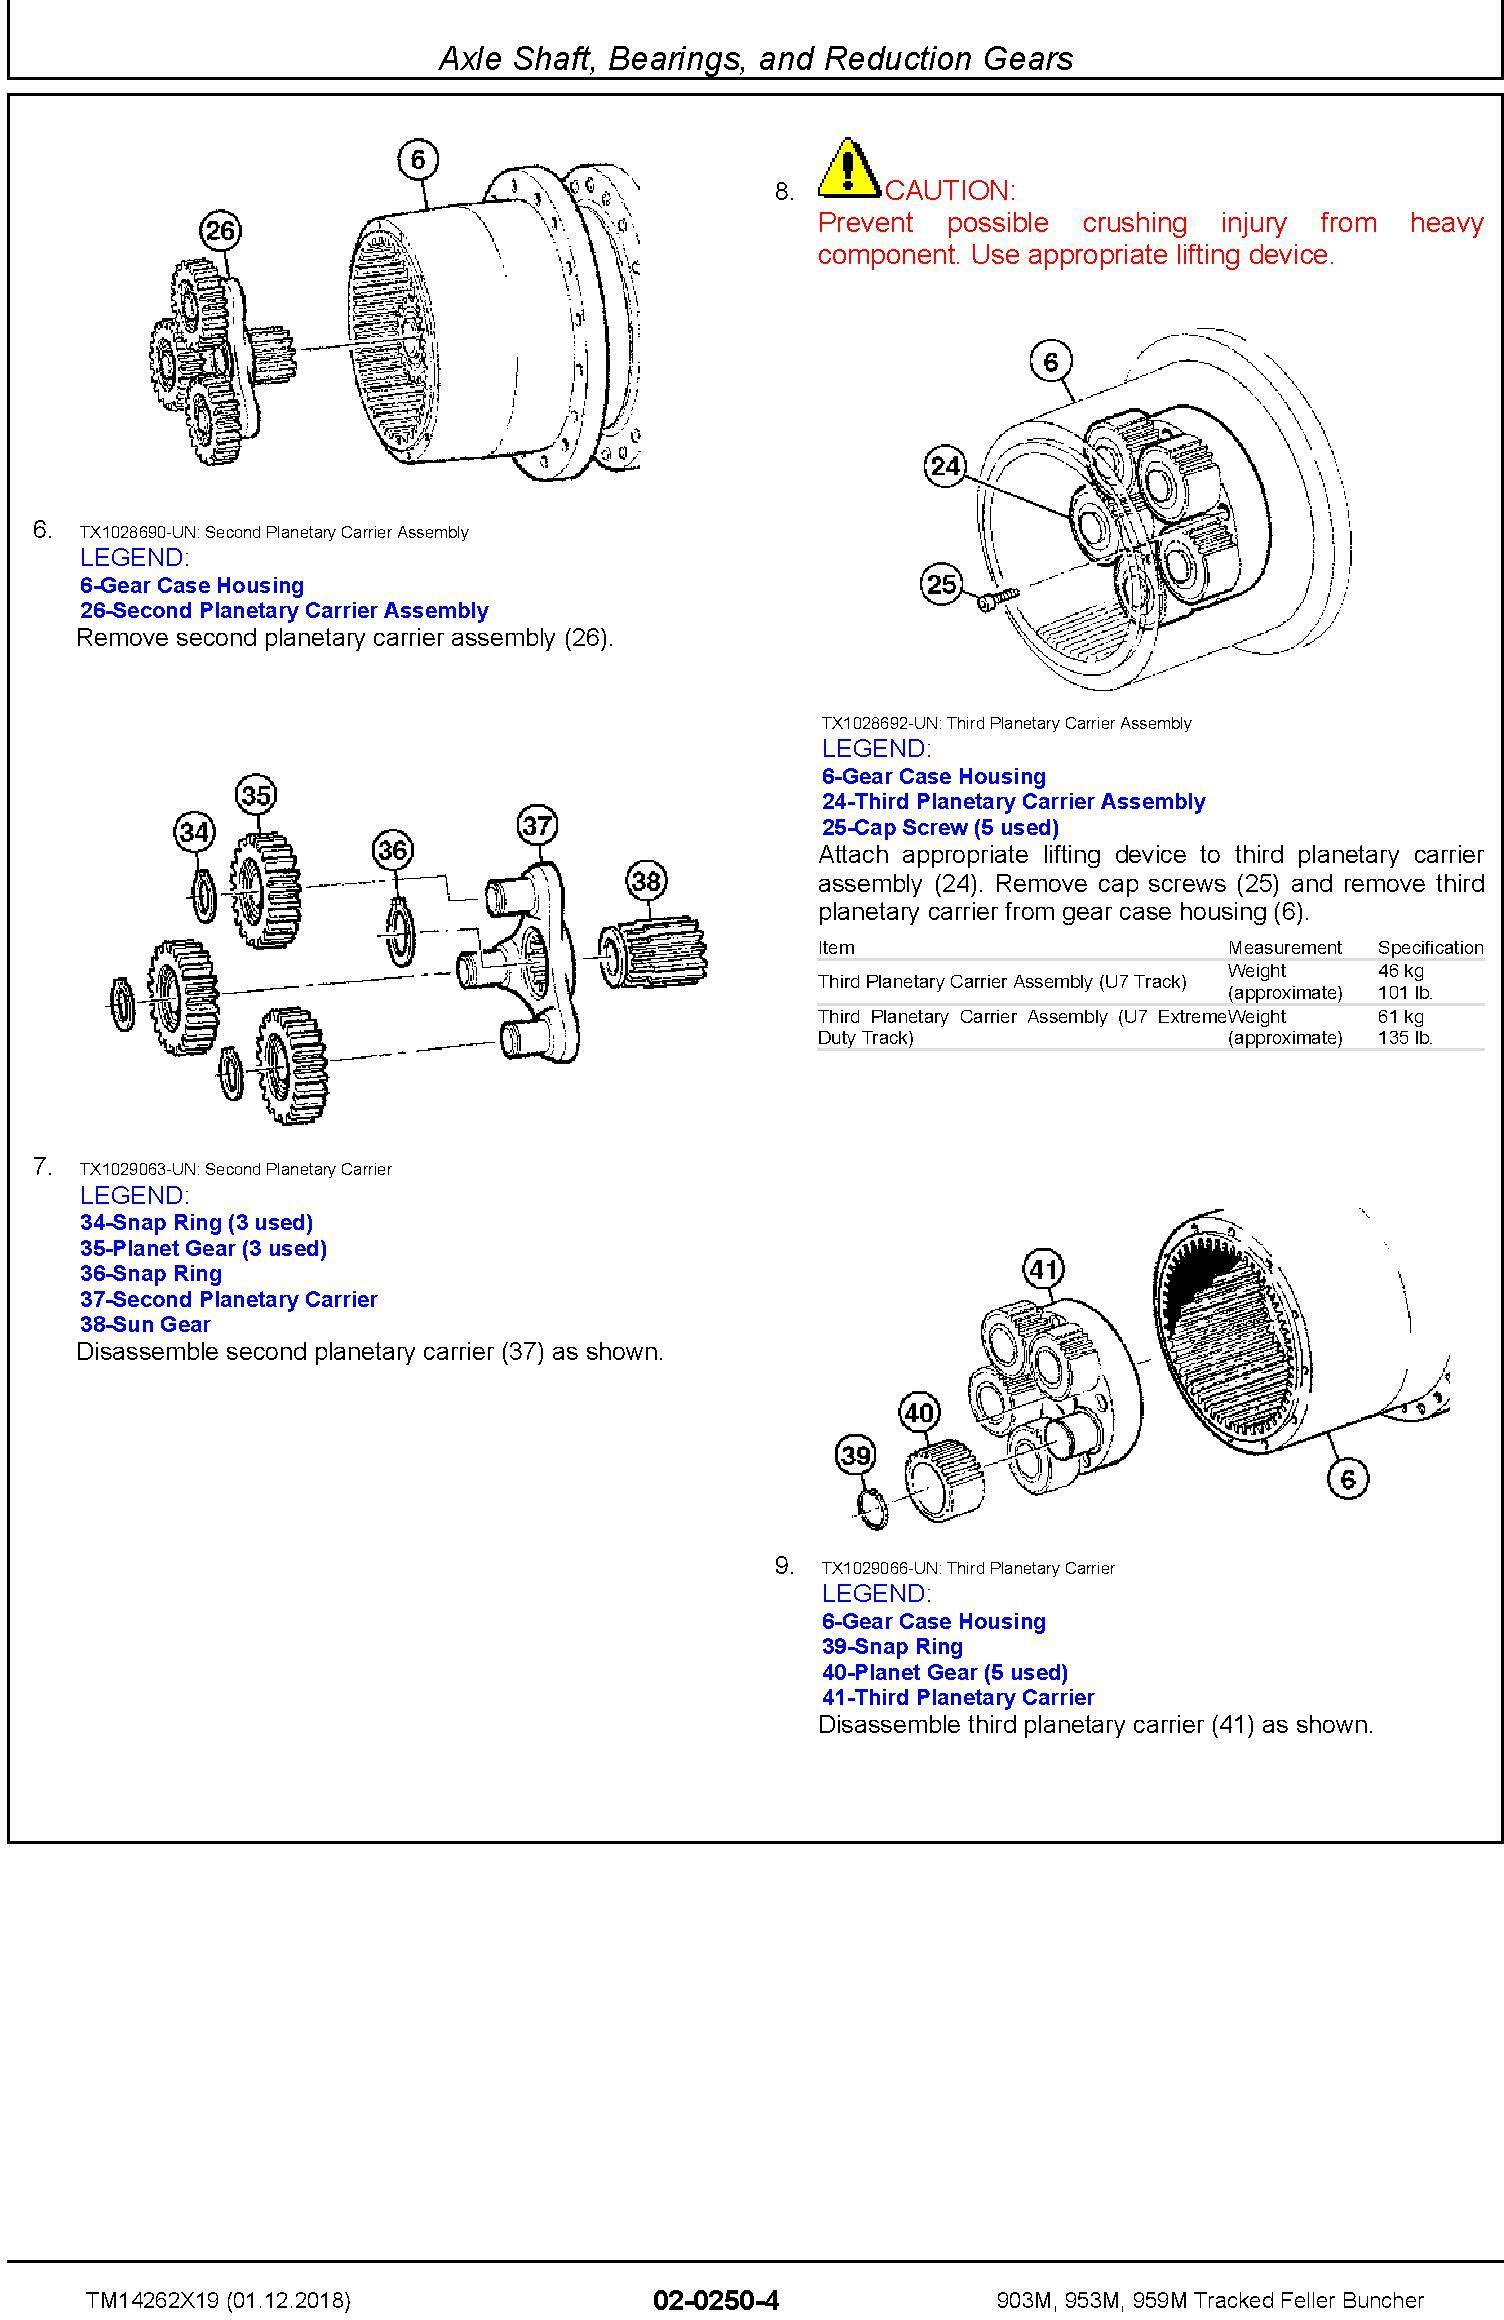 John Deere 903M, 953M, 959M (SN.F317982-,L317982-) Tracked